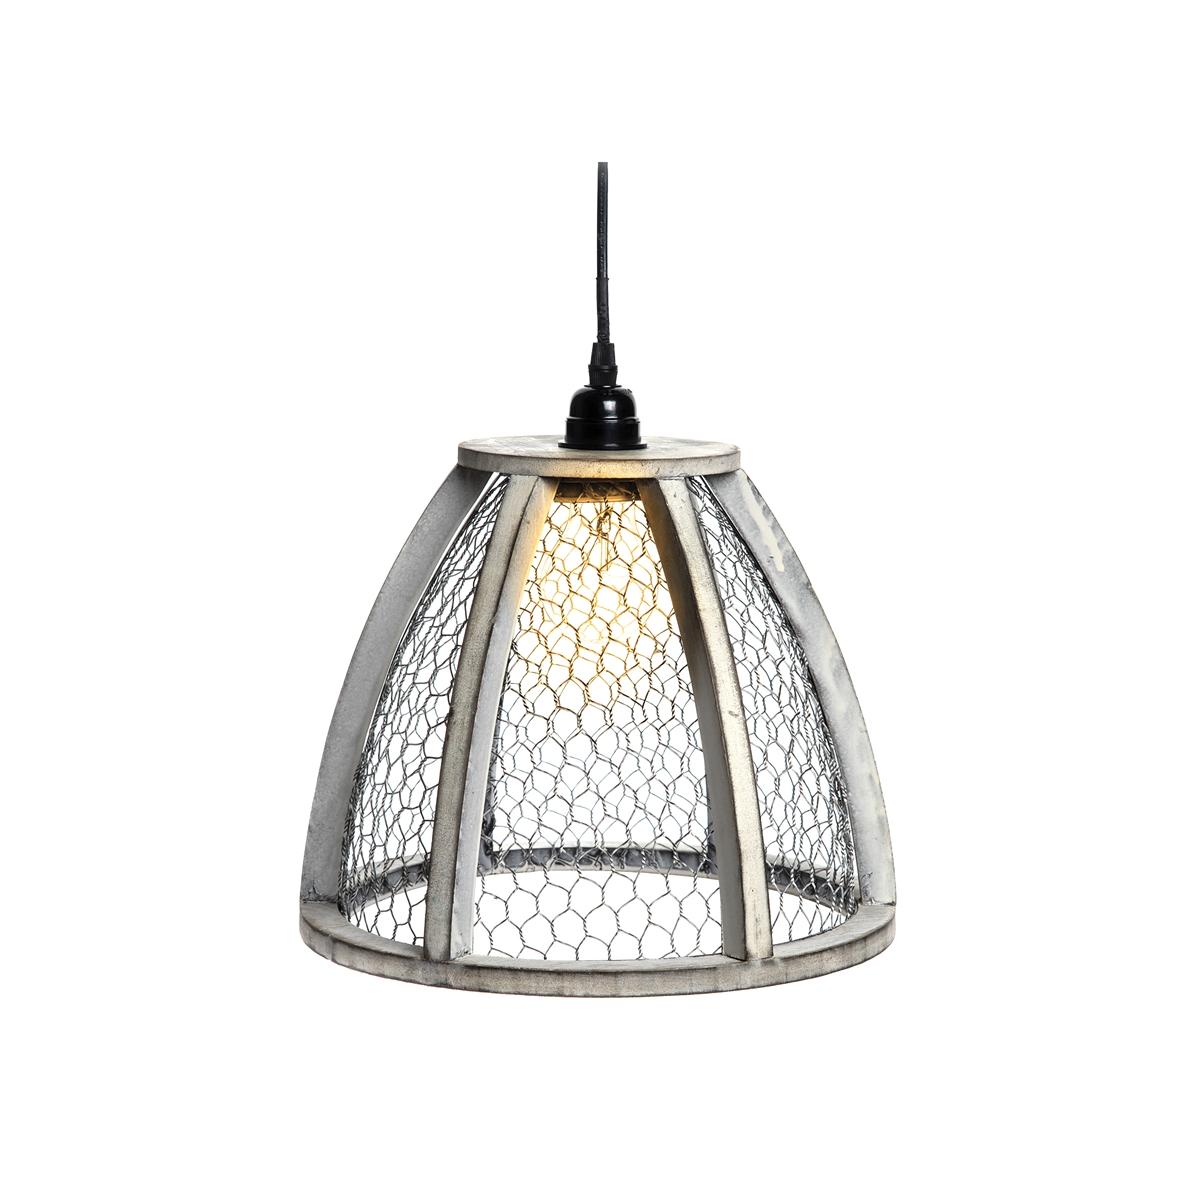 Chicken Wire Pendant Lamp | C&F Home